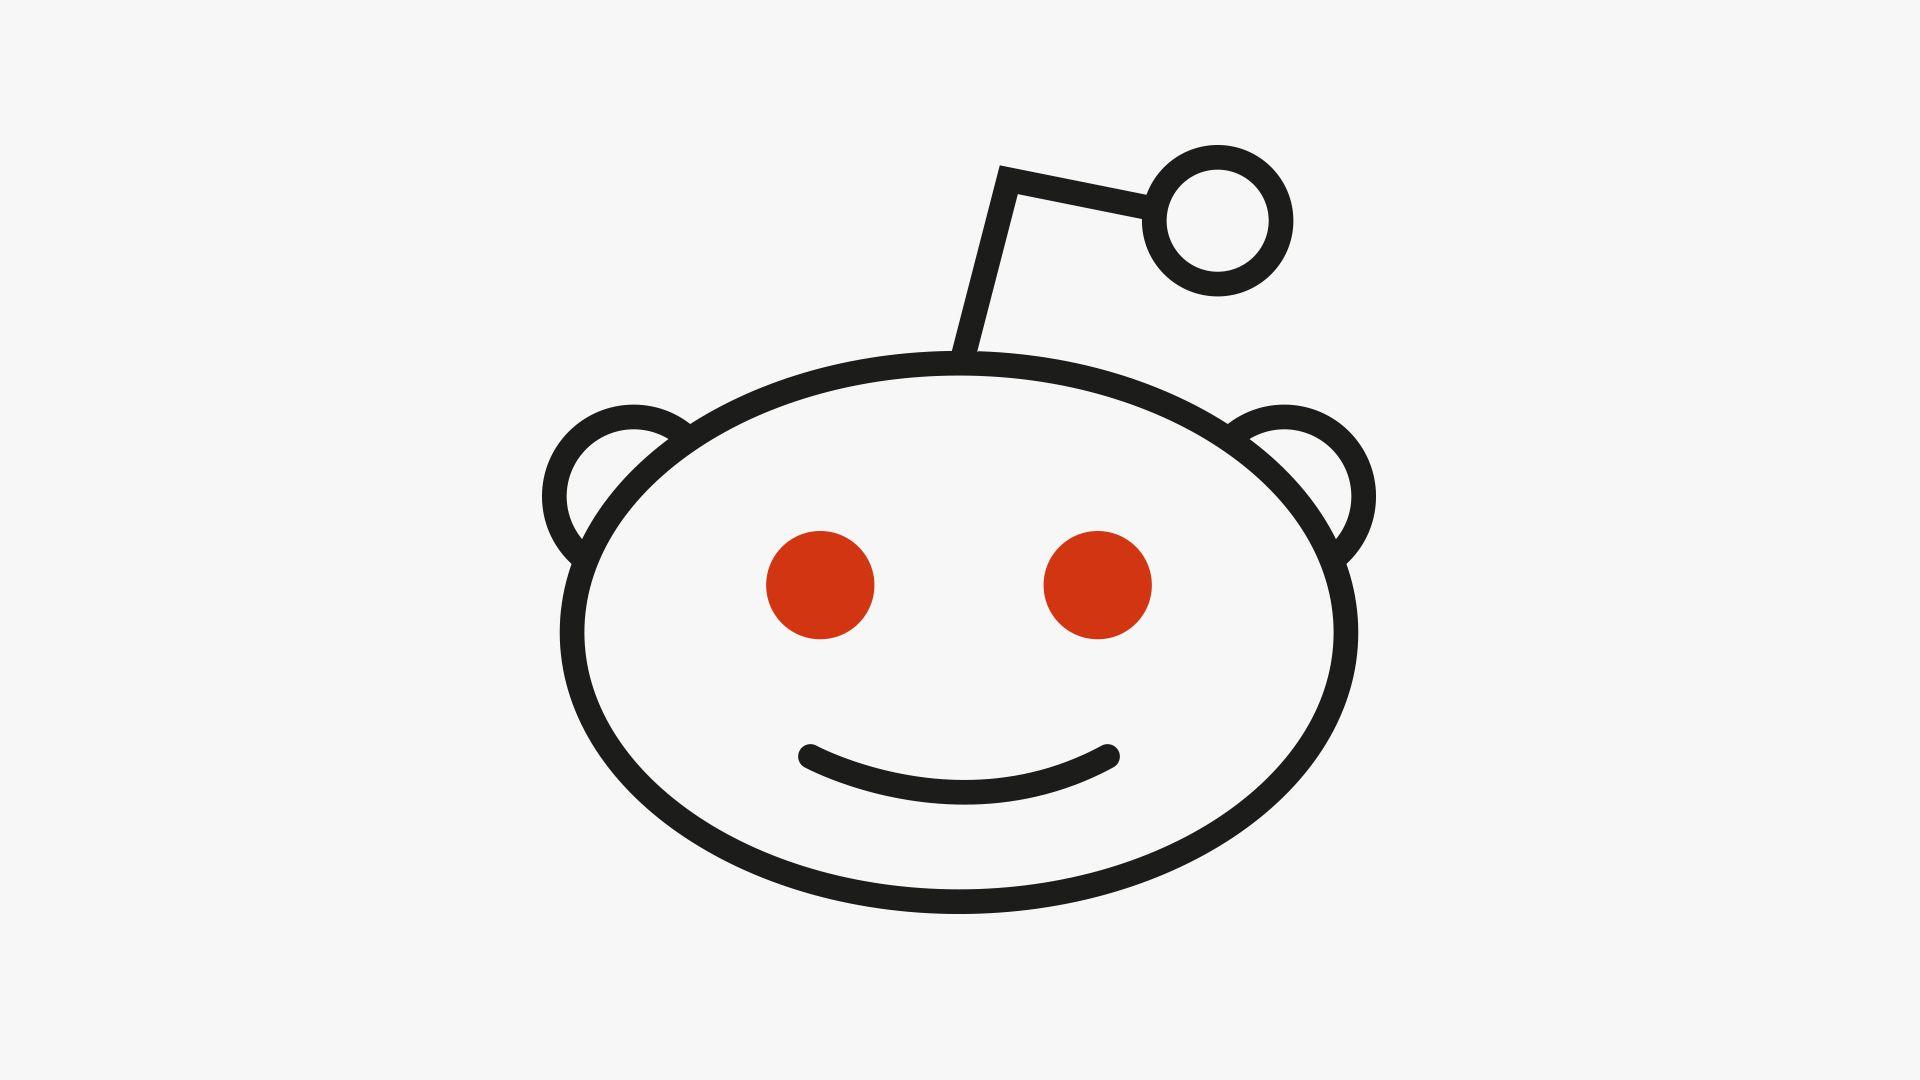 Reddit Logo in Illustrator Illustrator tutorials, Adobe